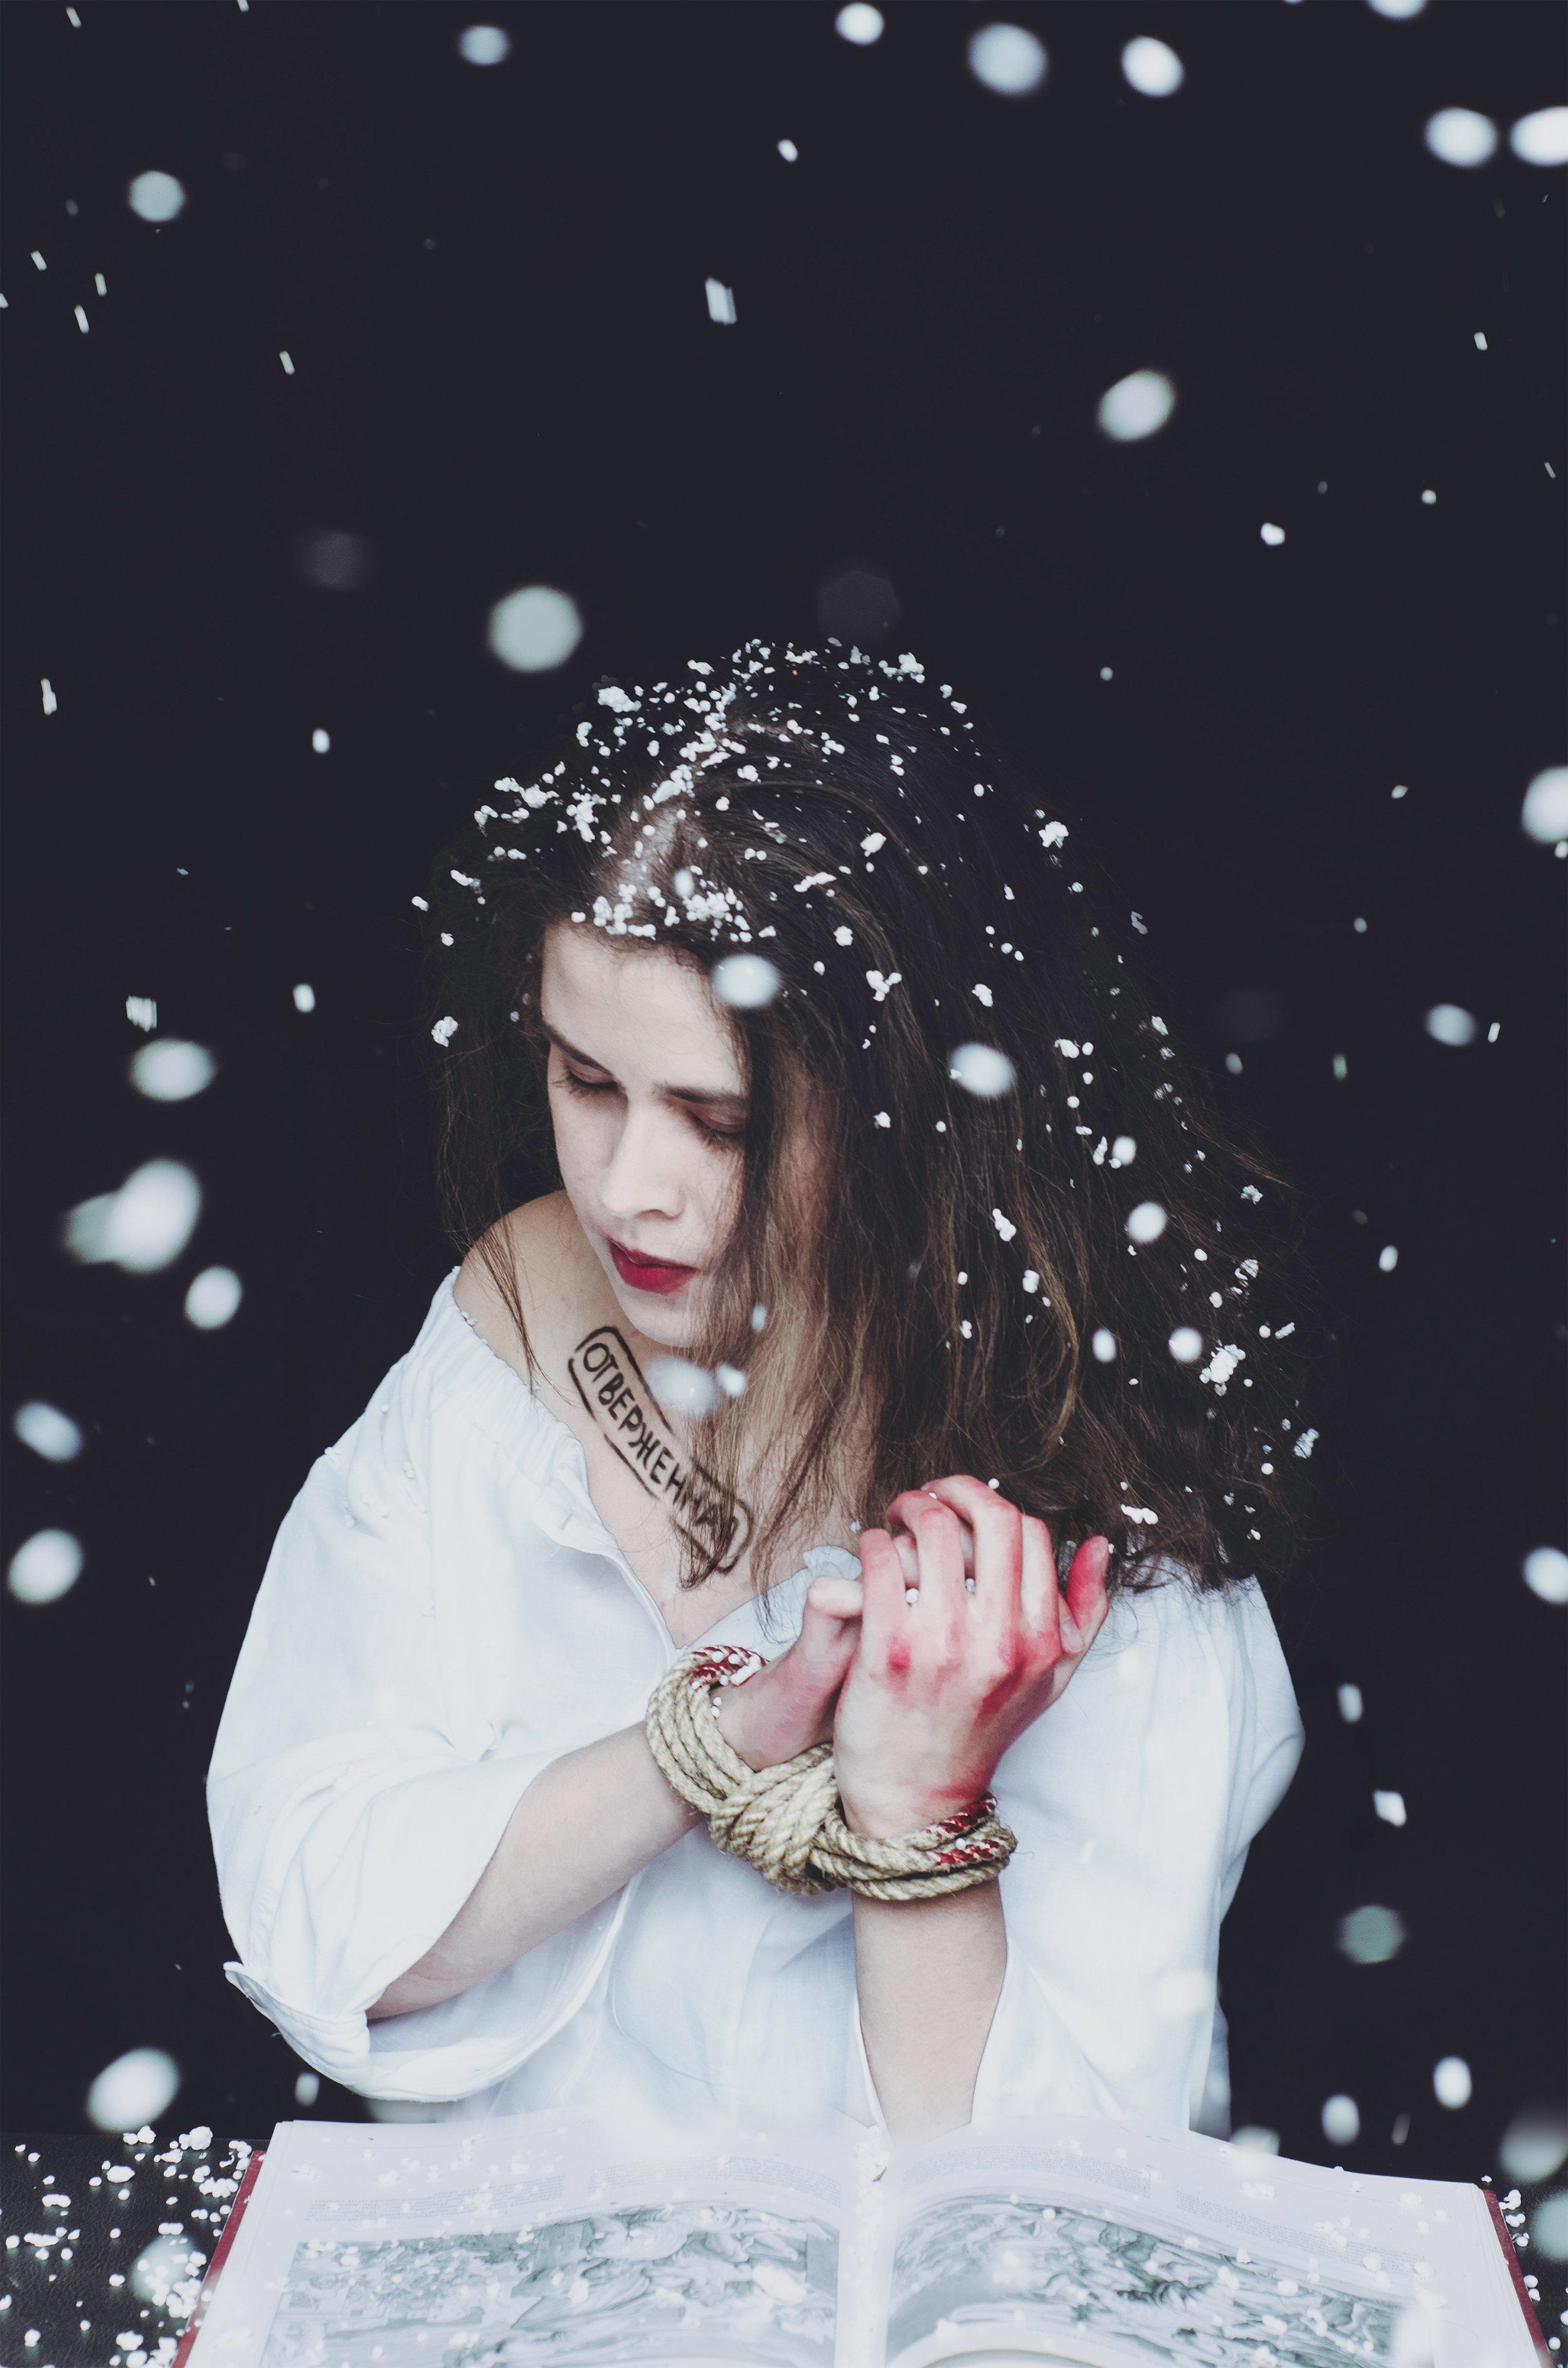 Aguanta el frío invierno